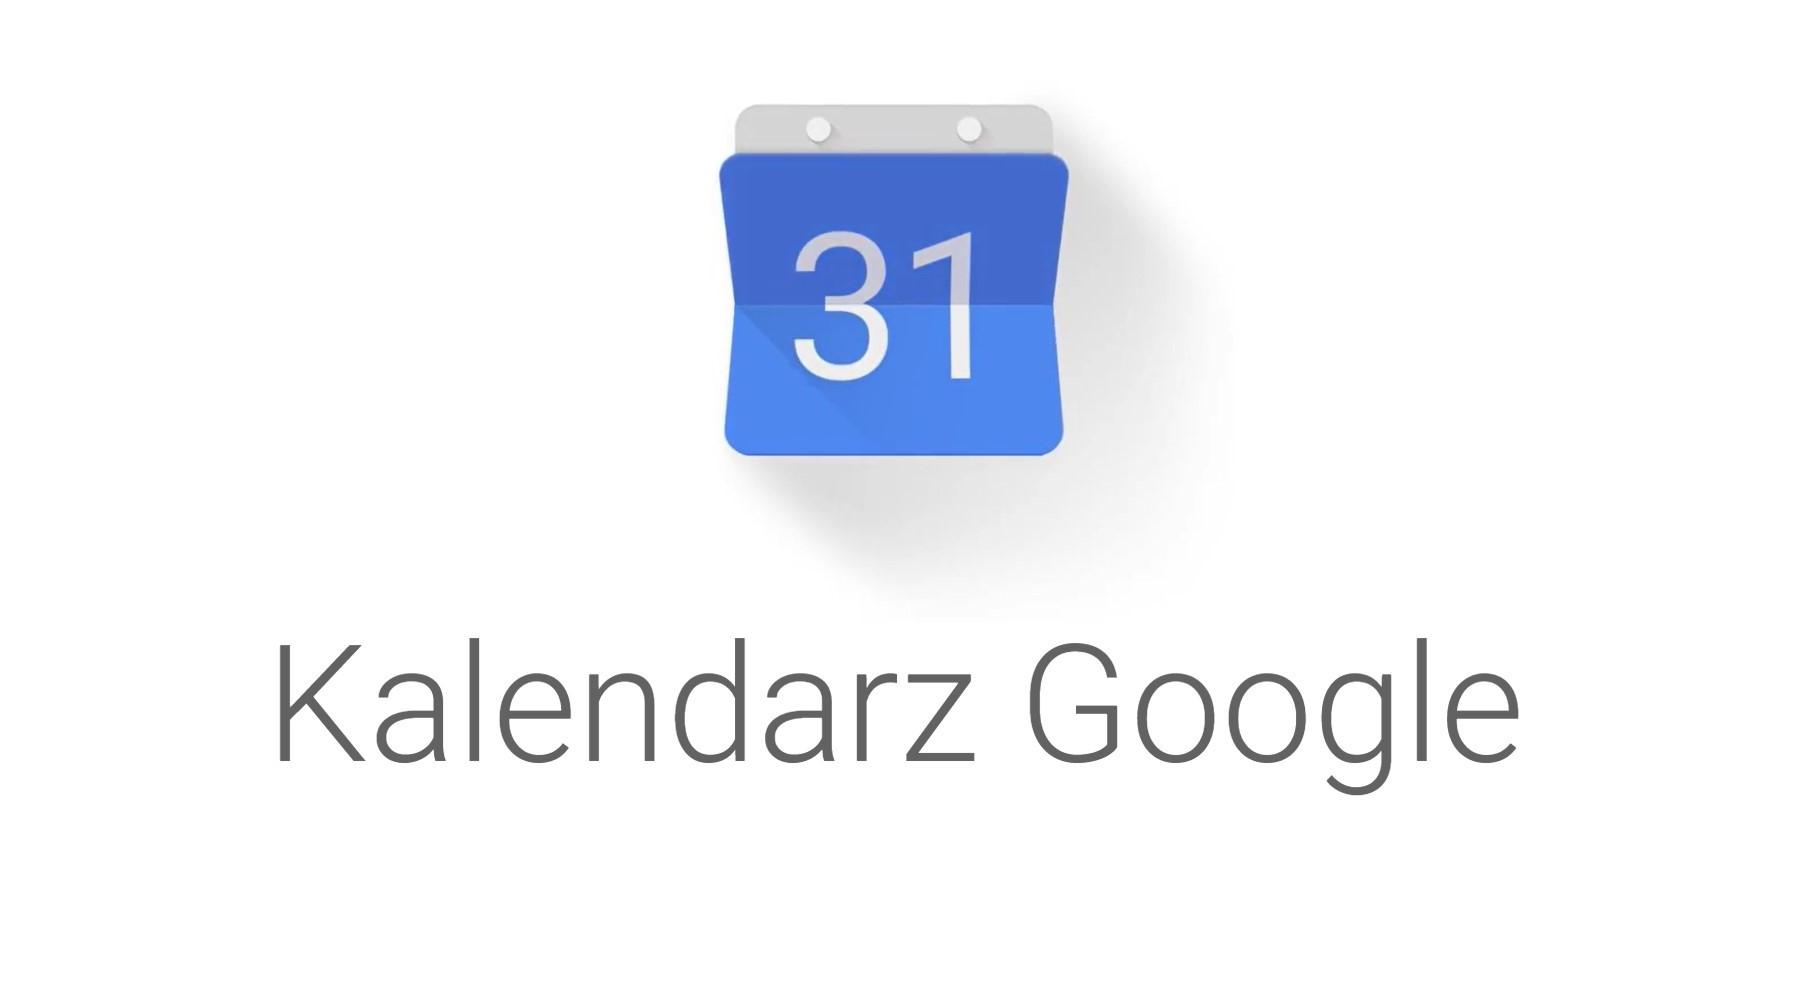 Kalendarz Google w przeglądarce zyskuje boczny pasek z Mapami Google